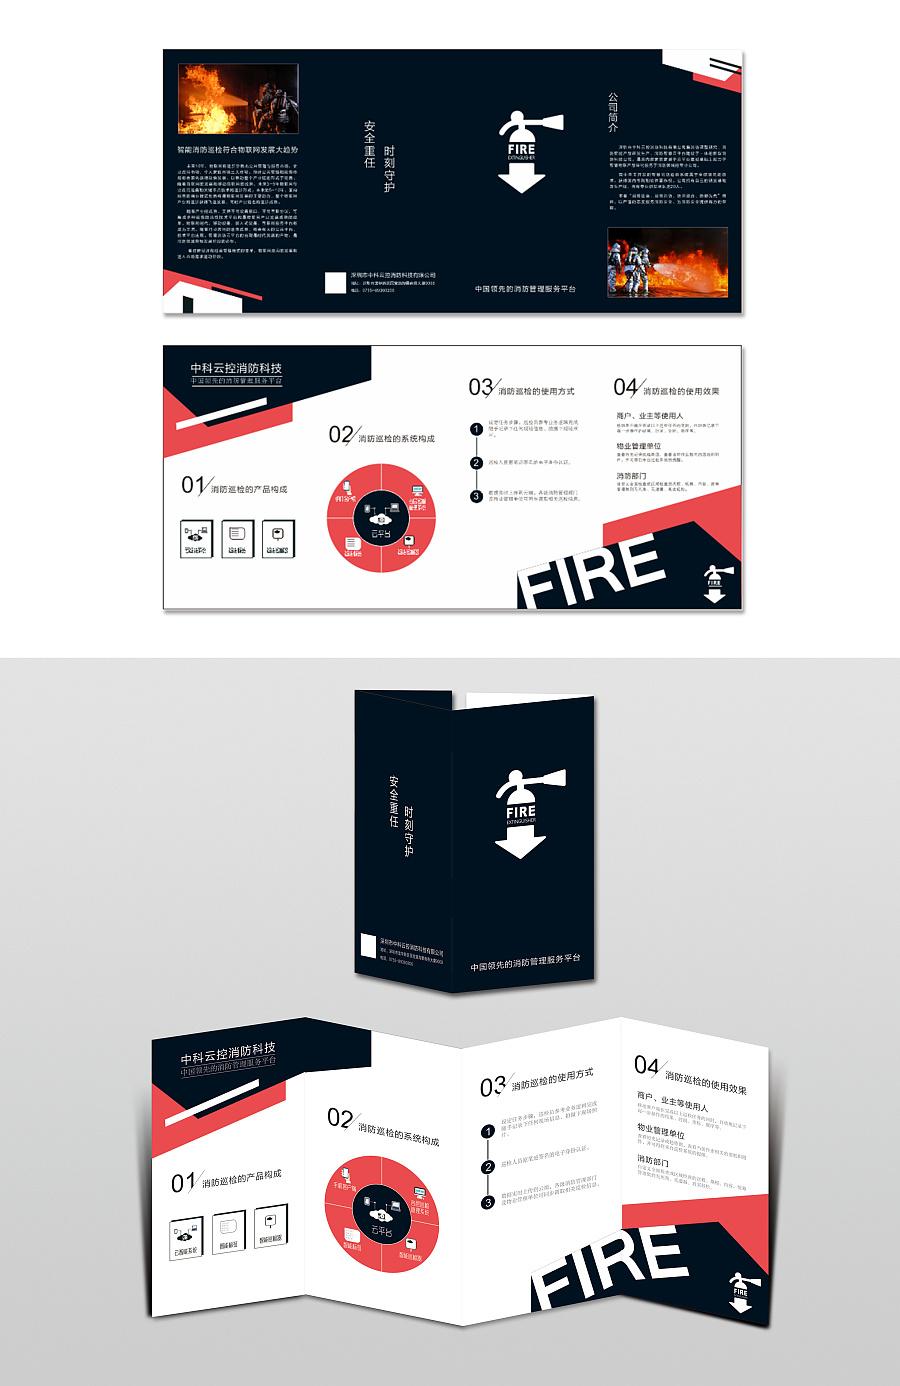 原创作品:折页排版设计图片